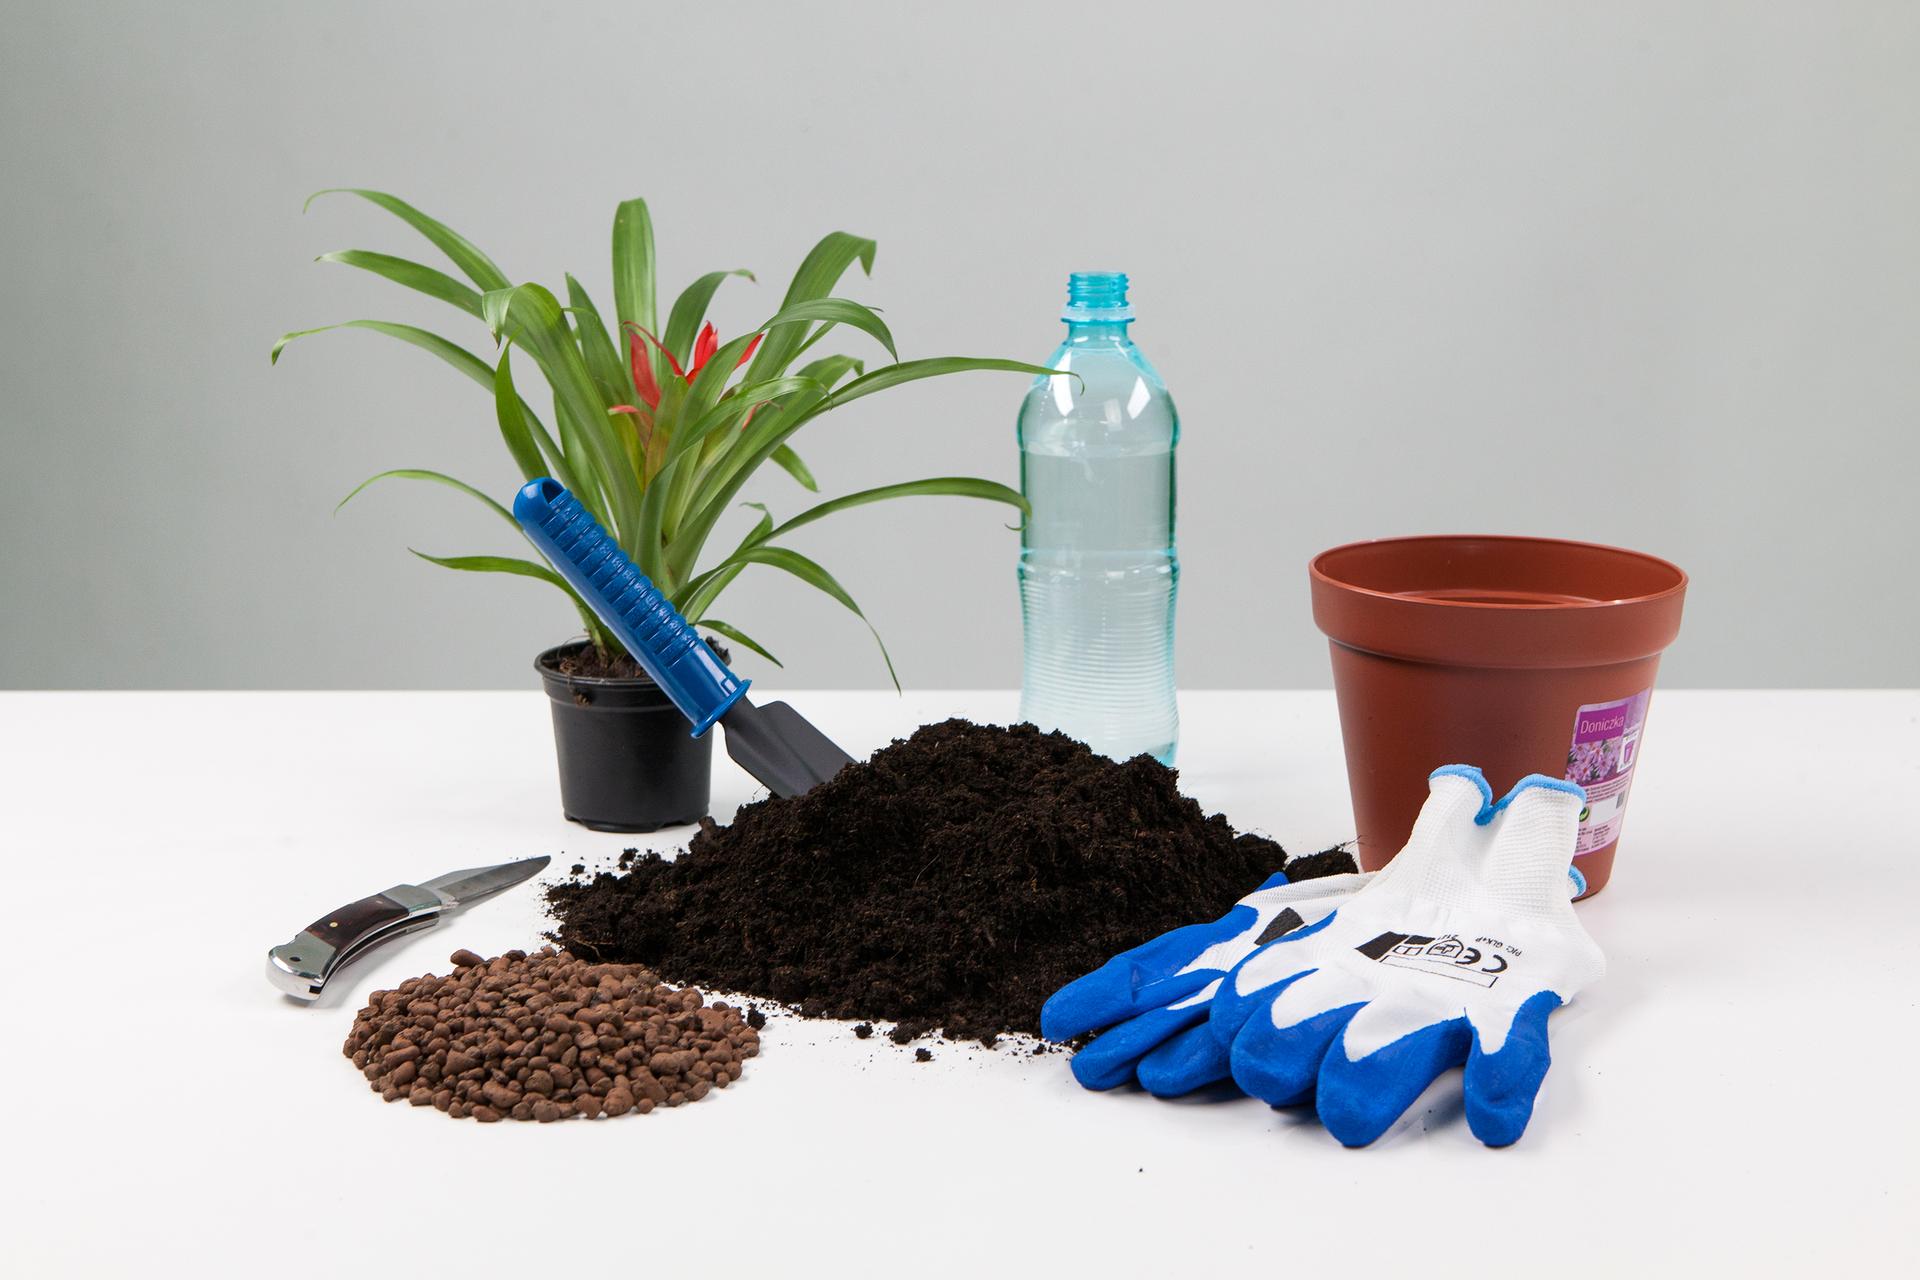 Pokaz slajdów prezentujących przesadzanie rośliny doniczkowej. Slajd 1 – prezentuje przybory potrzebne do przesadzania rośliny: żwir, ziemia, łopatka, nóż, rękawice, nowa doniczka, woda wbutelce.